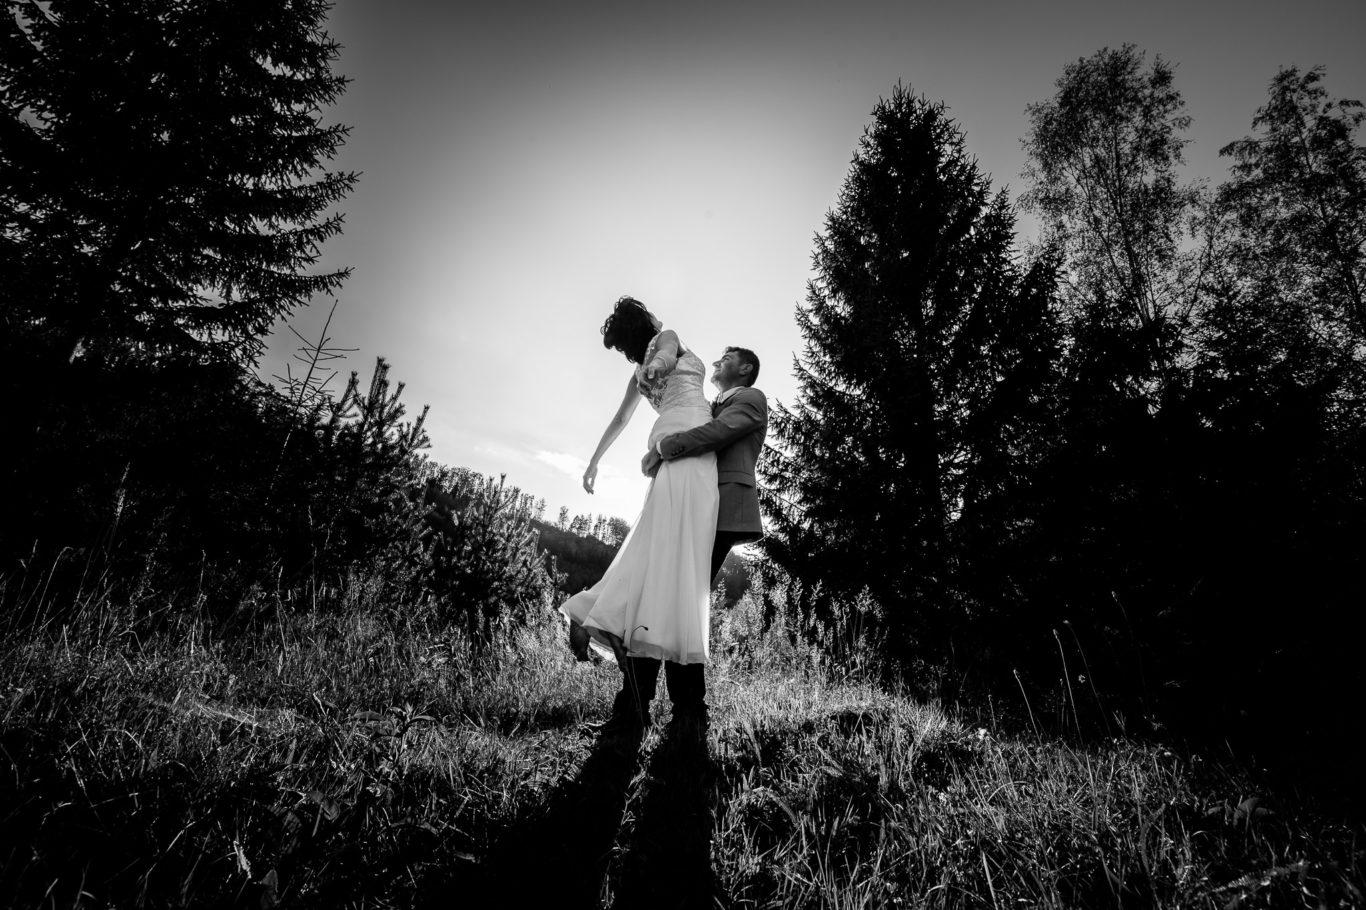 0468-fotografie-nunta-valea-de-pesti-vero-dani-fotograf-ciprian-dumitrescu-cd2_1476